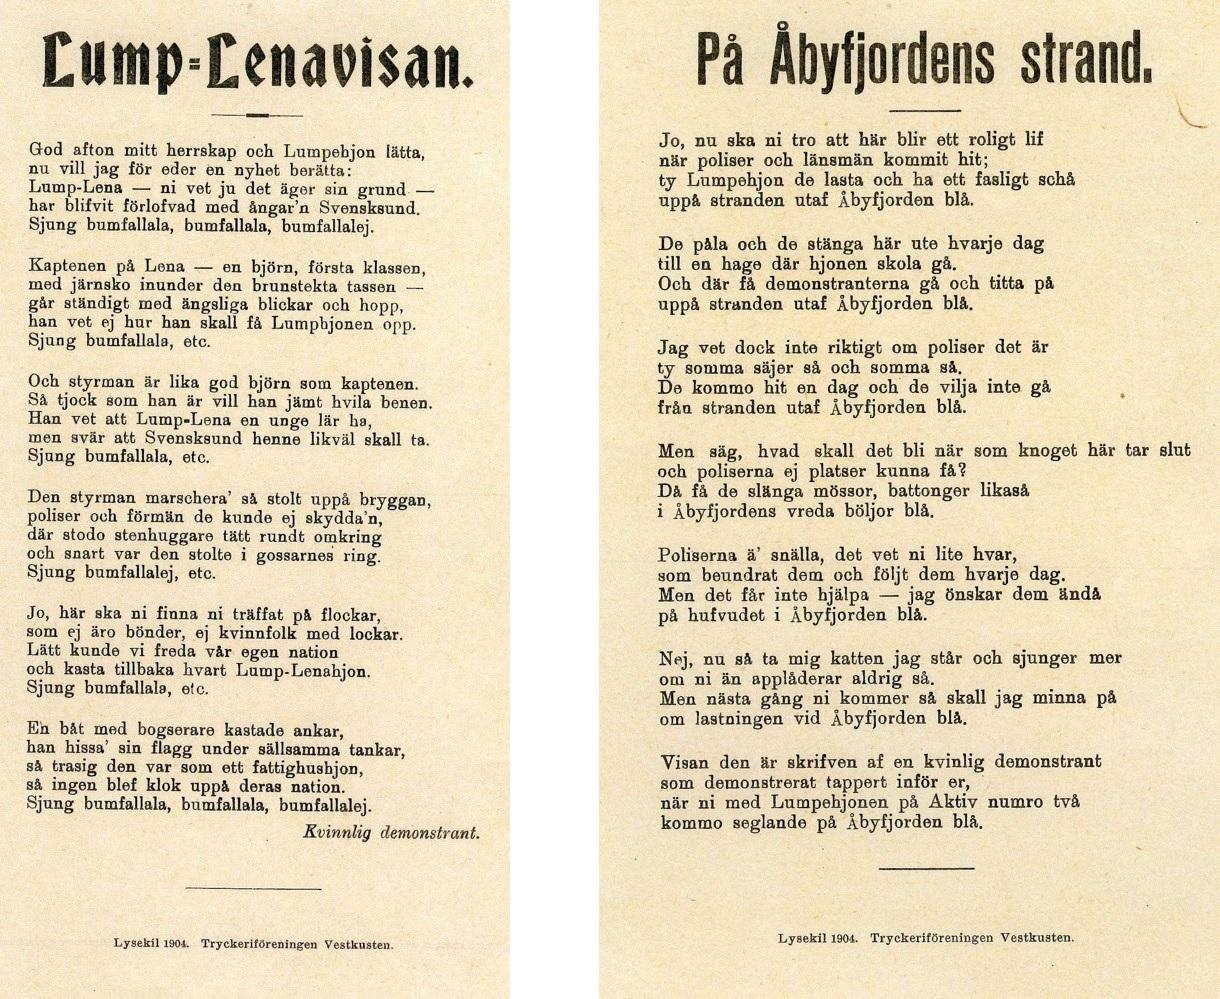 Texter till Lump-Lenavisan och på Åbyfjordens strand.